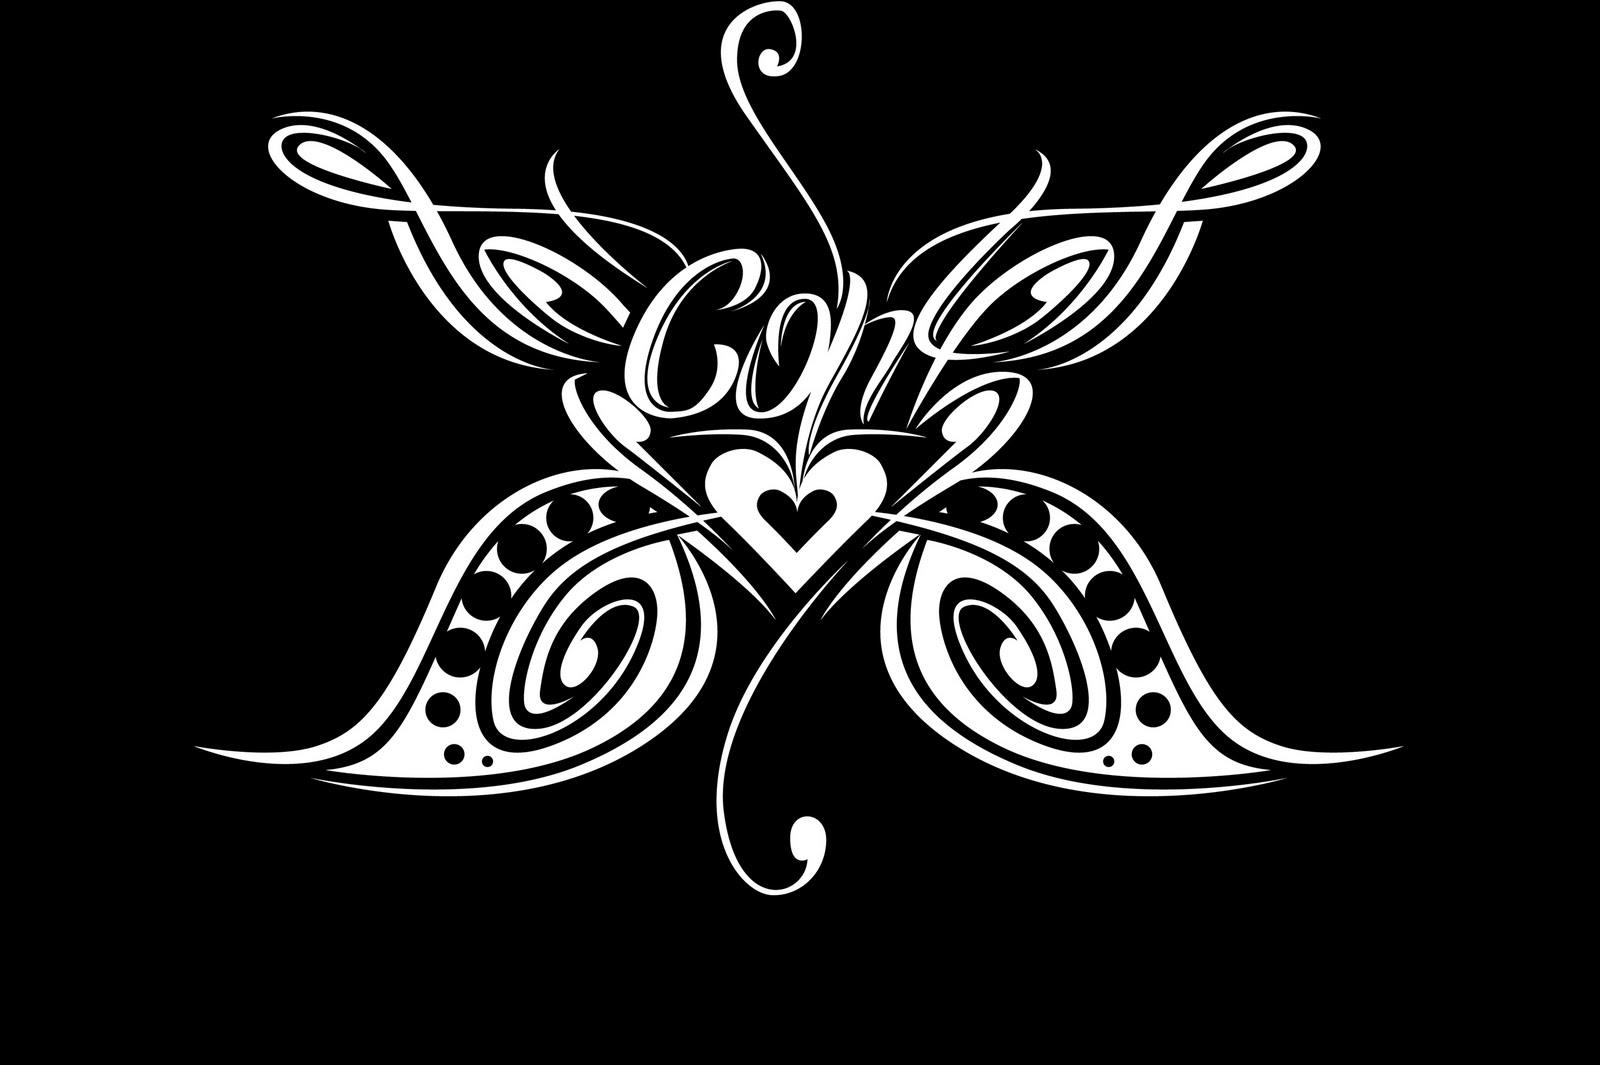 Colotful Tribal Tattoo Design